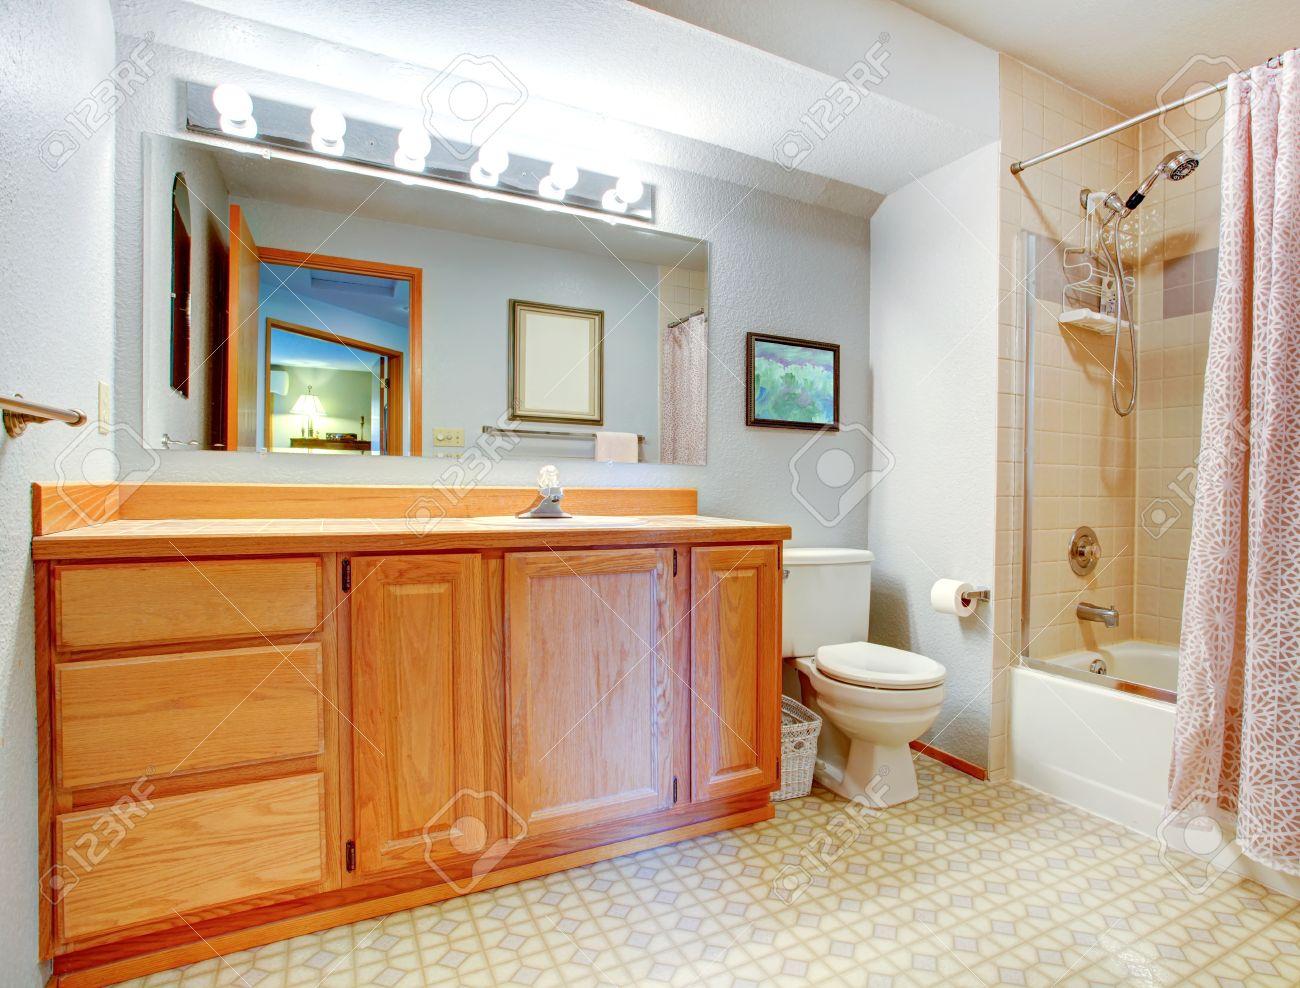 banque dimages salle de bains avec meuble en bois baignoire avec garniture de carreaux de mur et rideau rose clair - Salle De Bain Baignoire Rose